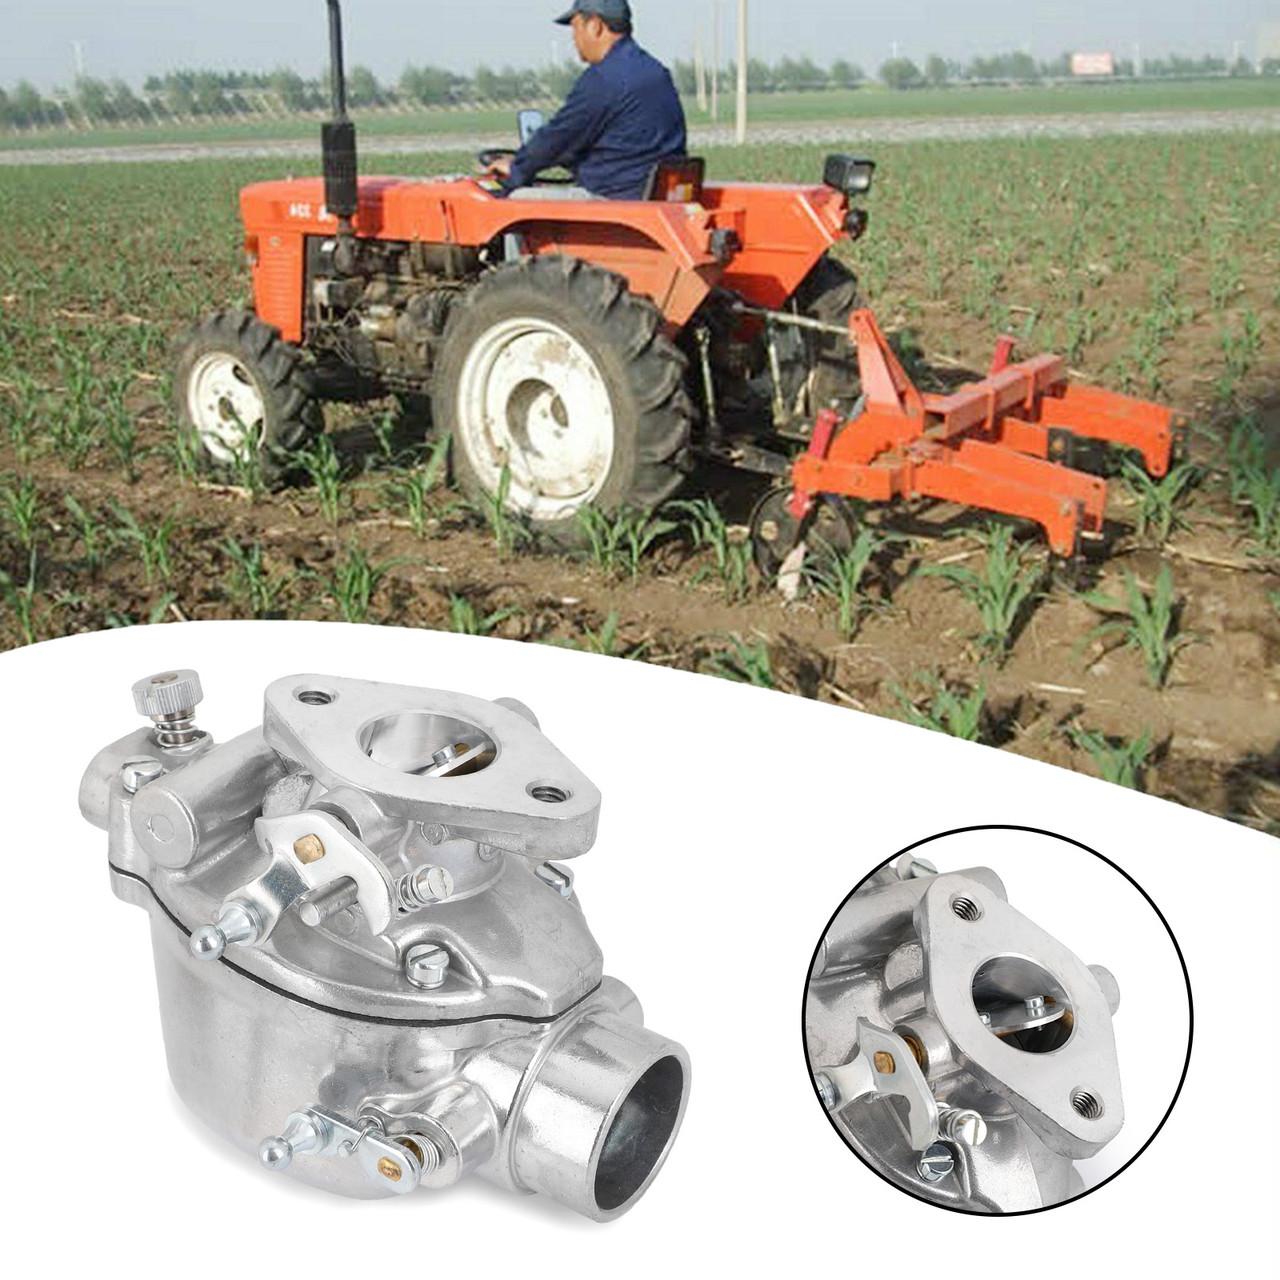 9n Ford Tractor >> 8n9510c Hd Carburetor For Ford Tractor 9n 8n 2n Heavy Duty Tsx 241 A B C Tsx33 Silver